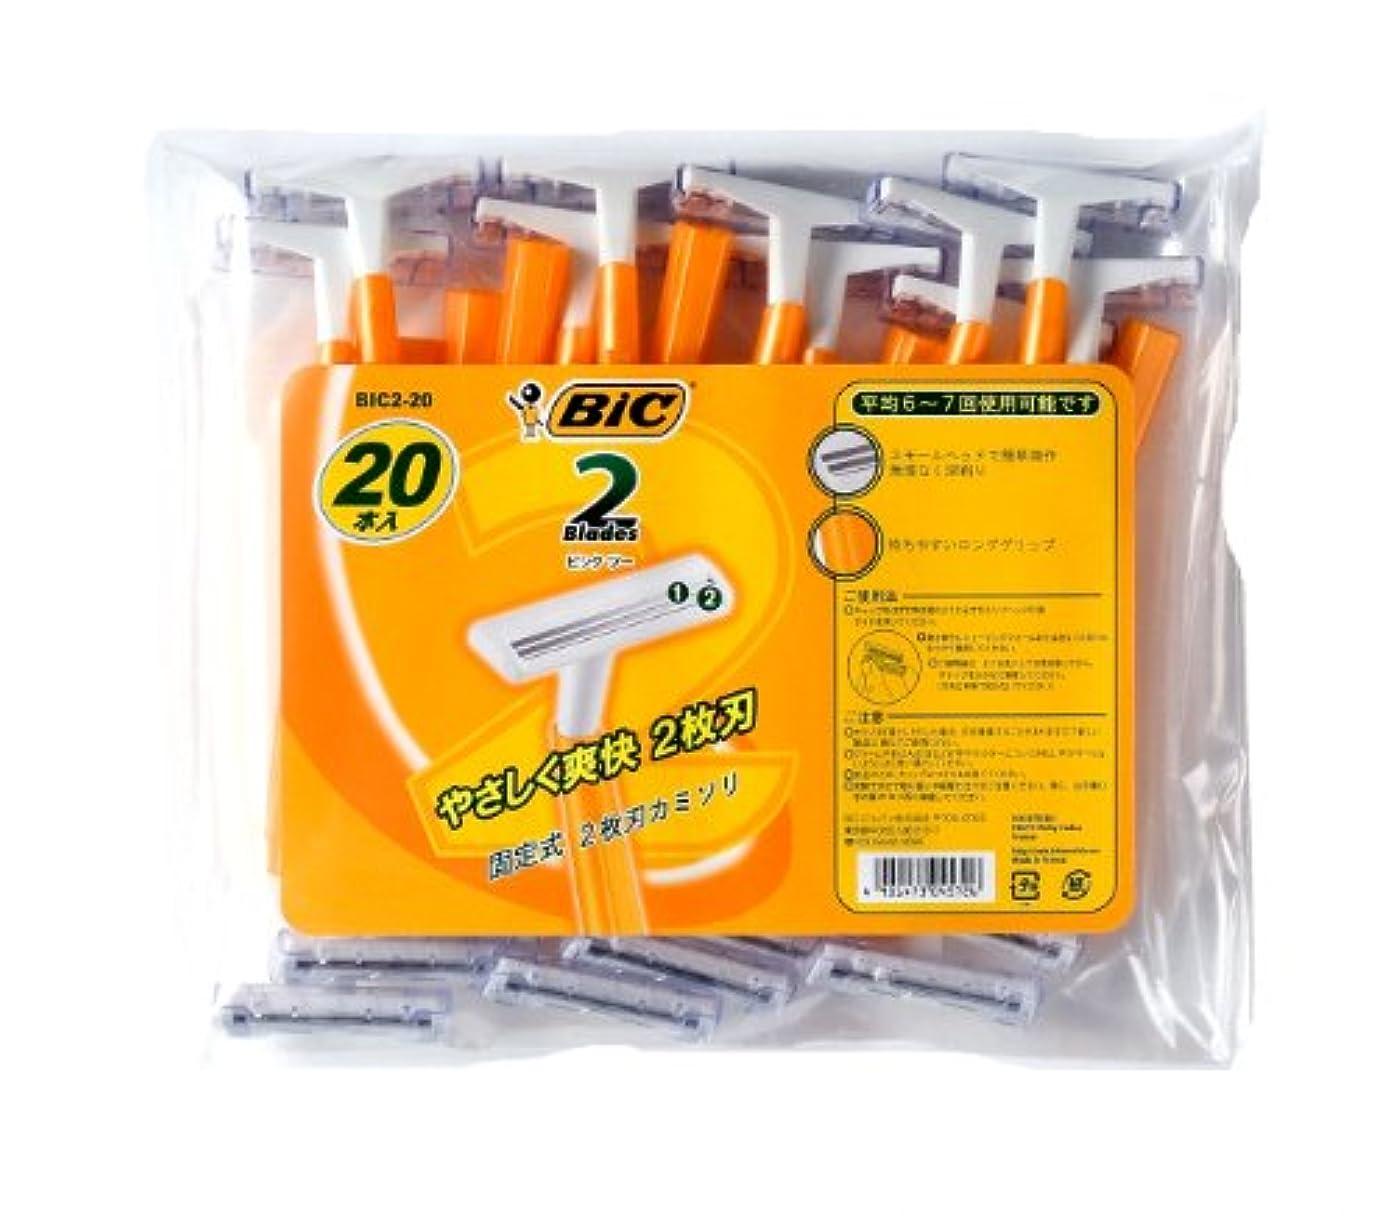 きらめき装置政令BIC2 2枚刃 カミソリ 20本入り